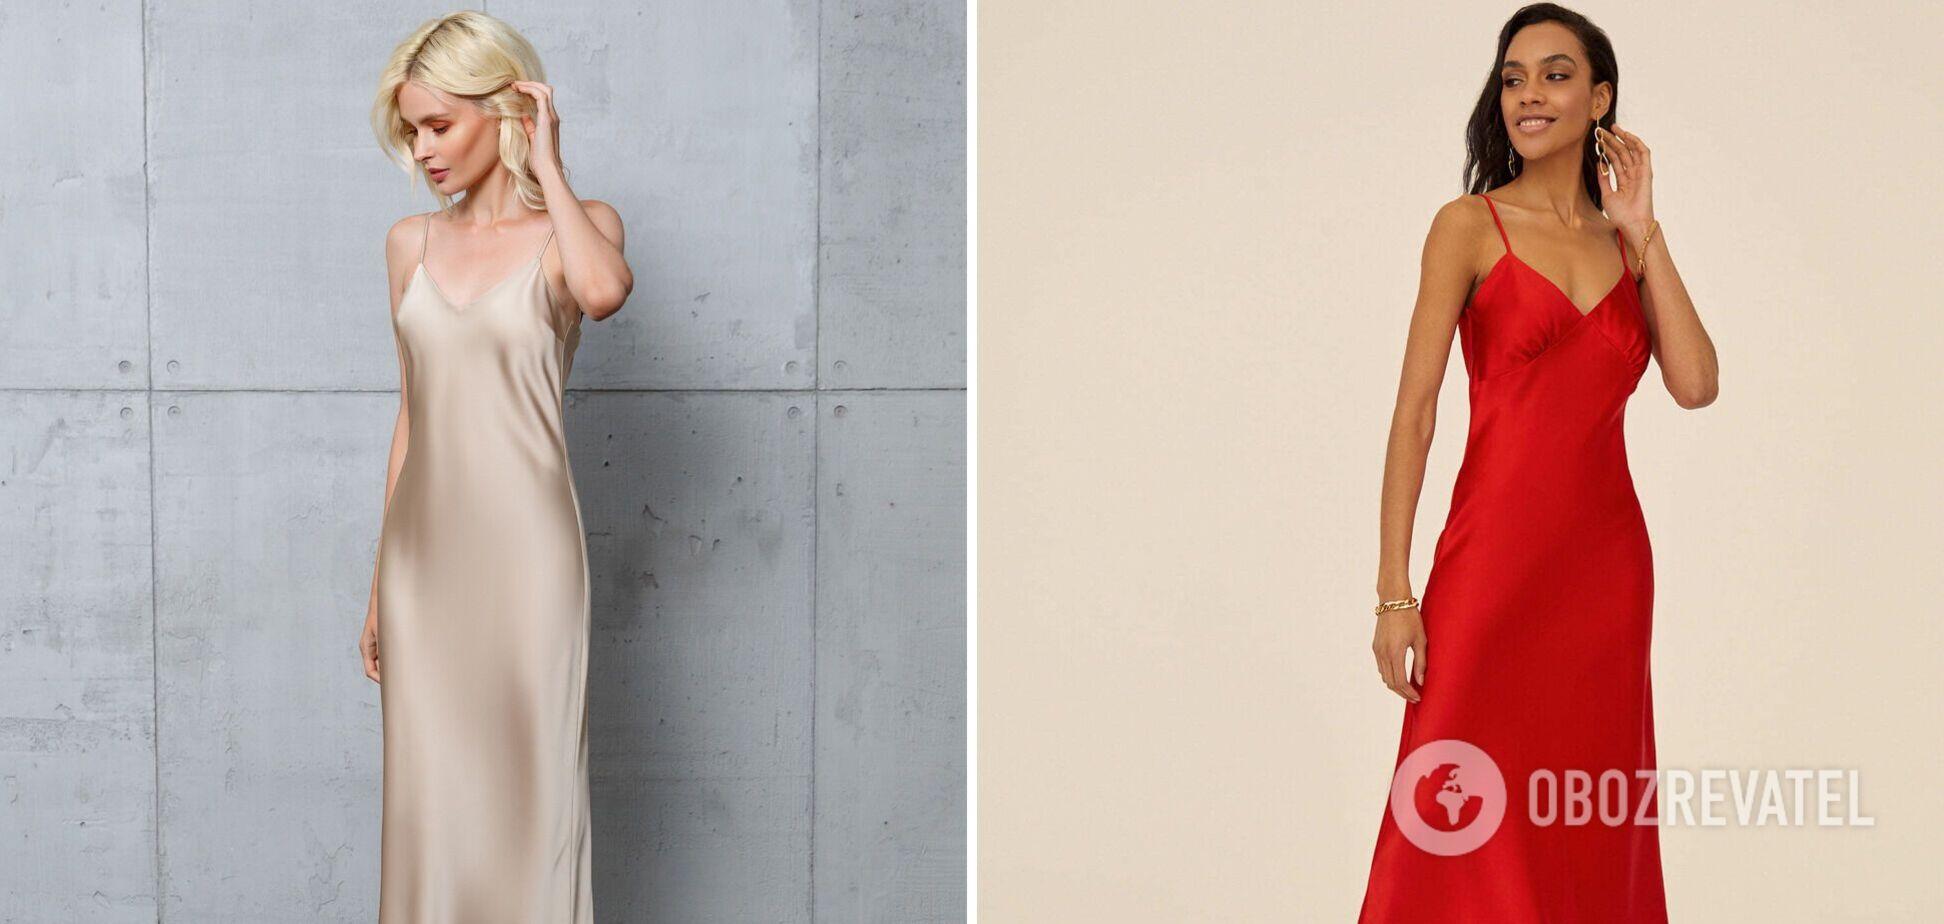 Платье-комбинация стало трендом лета 2021: как правильно выбрать наряд